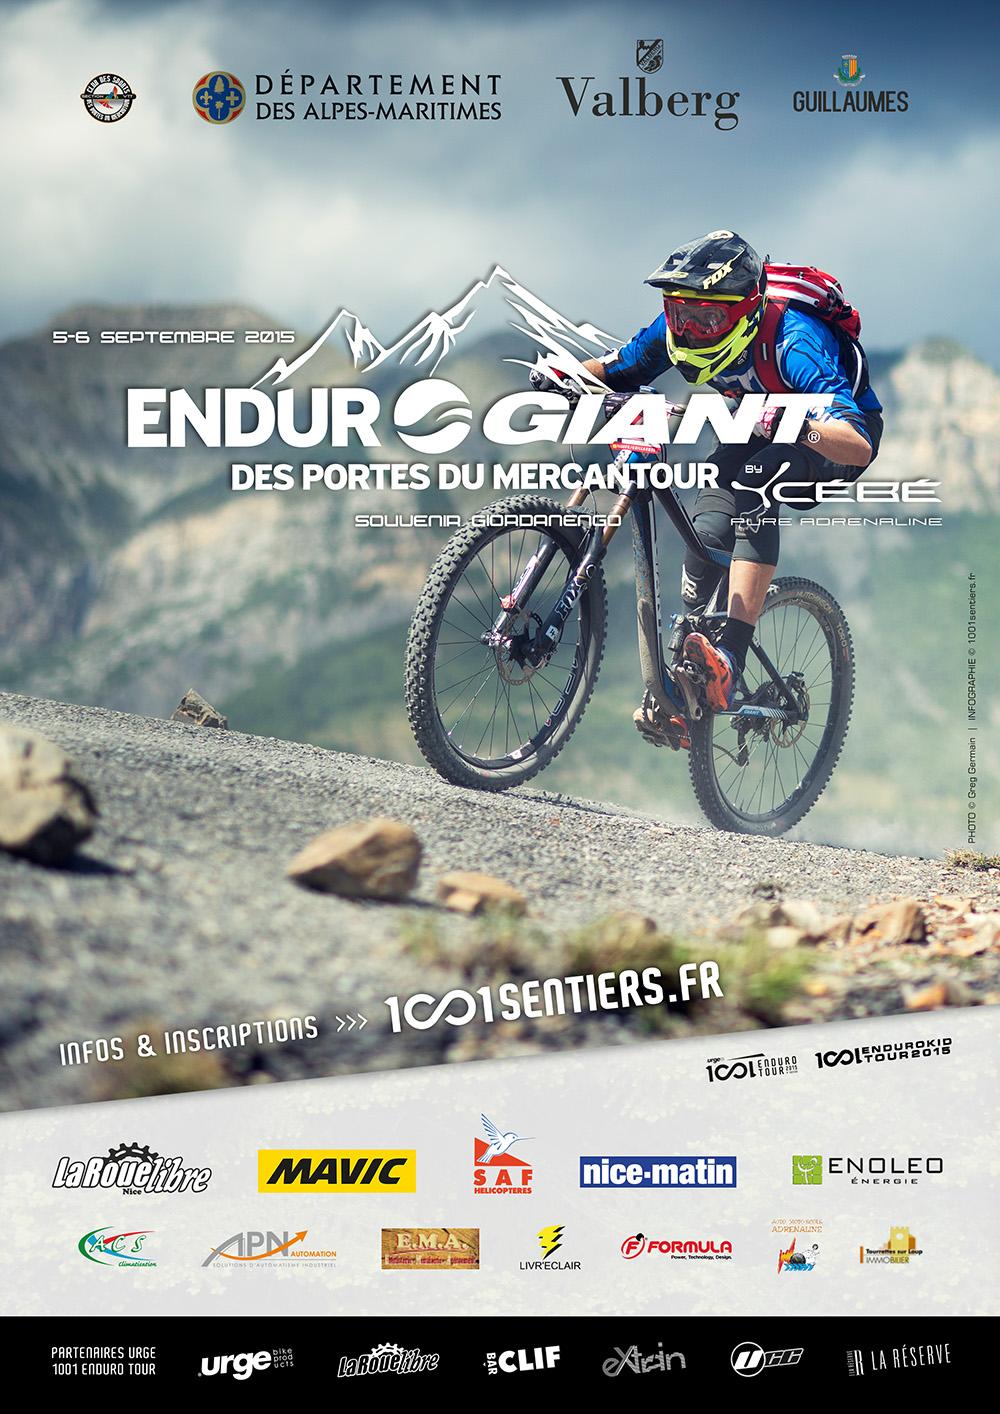 Affiche Enduro Giant des Portes du Mercantour 2015